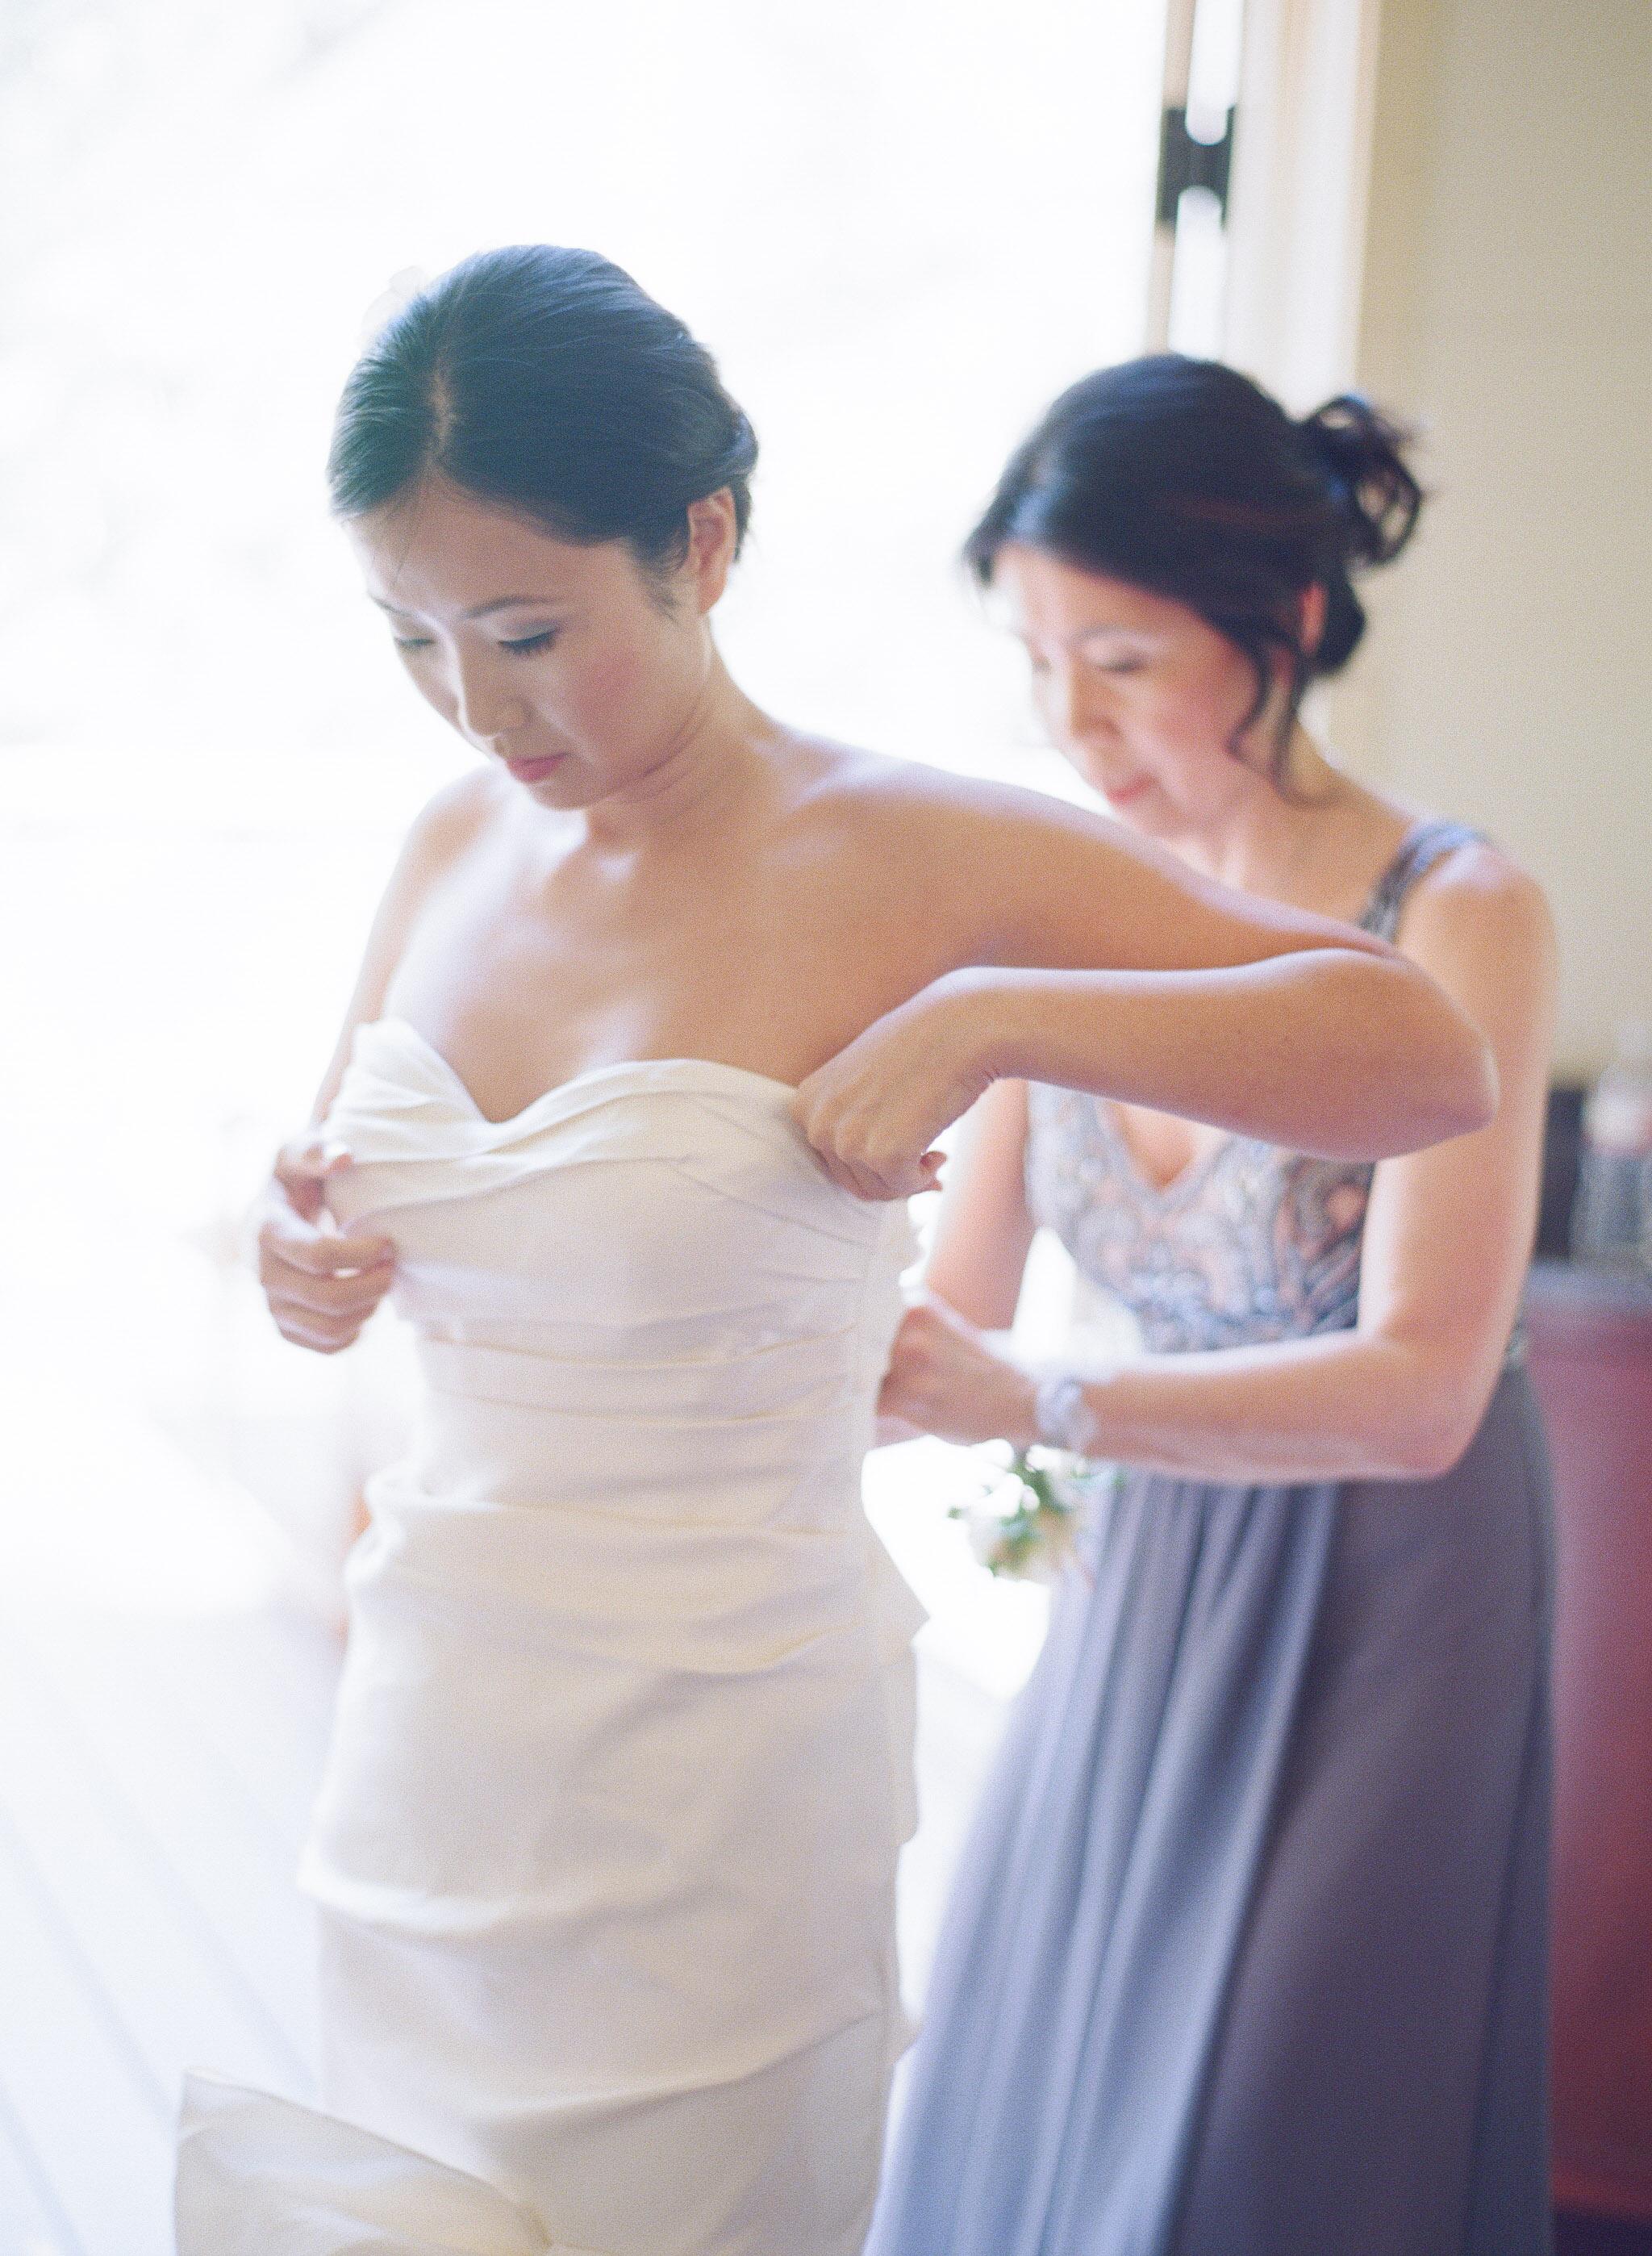 SylvieGil-Bride, Ceremony, Family, film, Groom, Napa, Reception, Wedding, Wedding Party-5.jpg